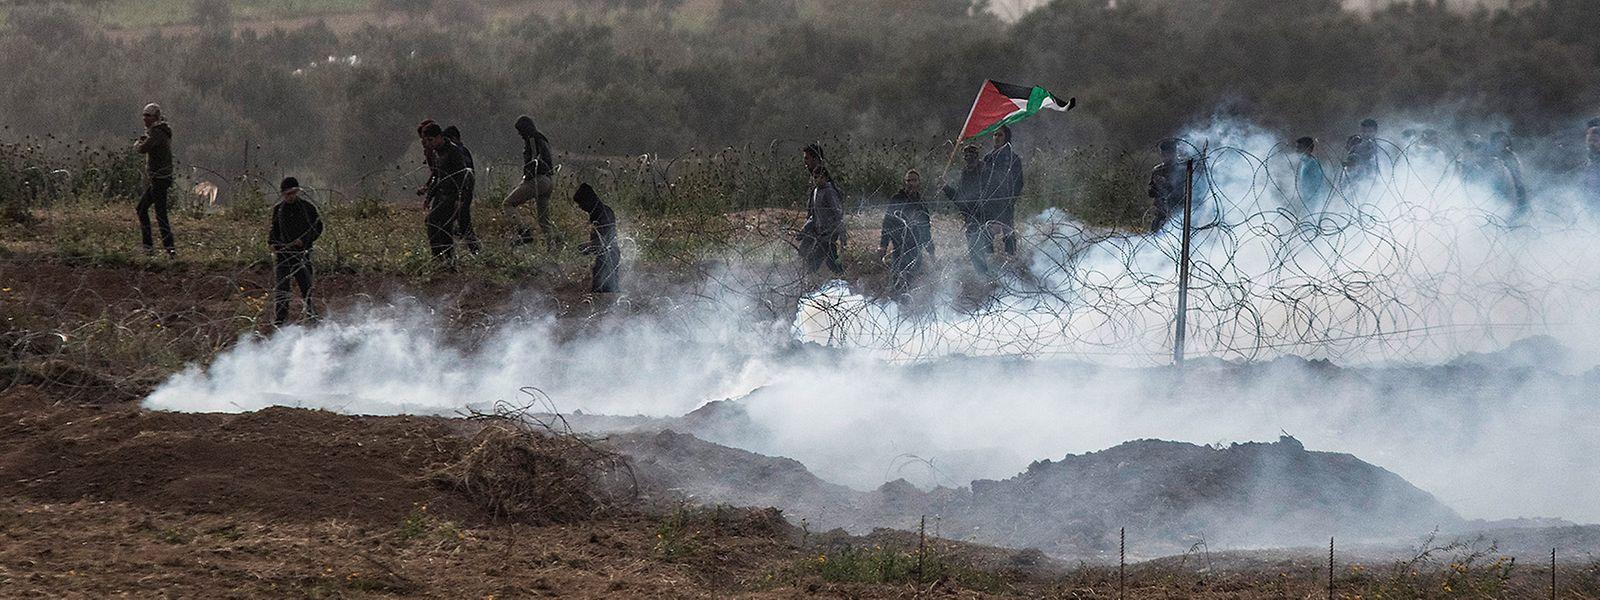 Ein Foto von der israelischen Seite der israelisch-palästinensischen Grenze im Gazastreifen zeigt palästinensische Demonstranten, die inmitten von Tränengas stehen, das von den israelischen Streitkräften während der Zusammenstöße am ersten Jahrestag der Proteste zum Großen Marsch der Rückkehr abgefeuert wurde.